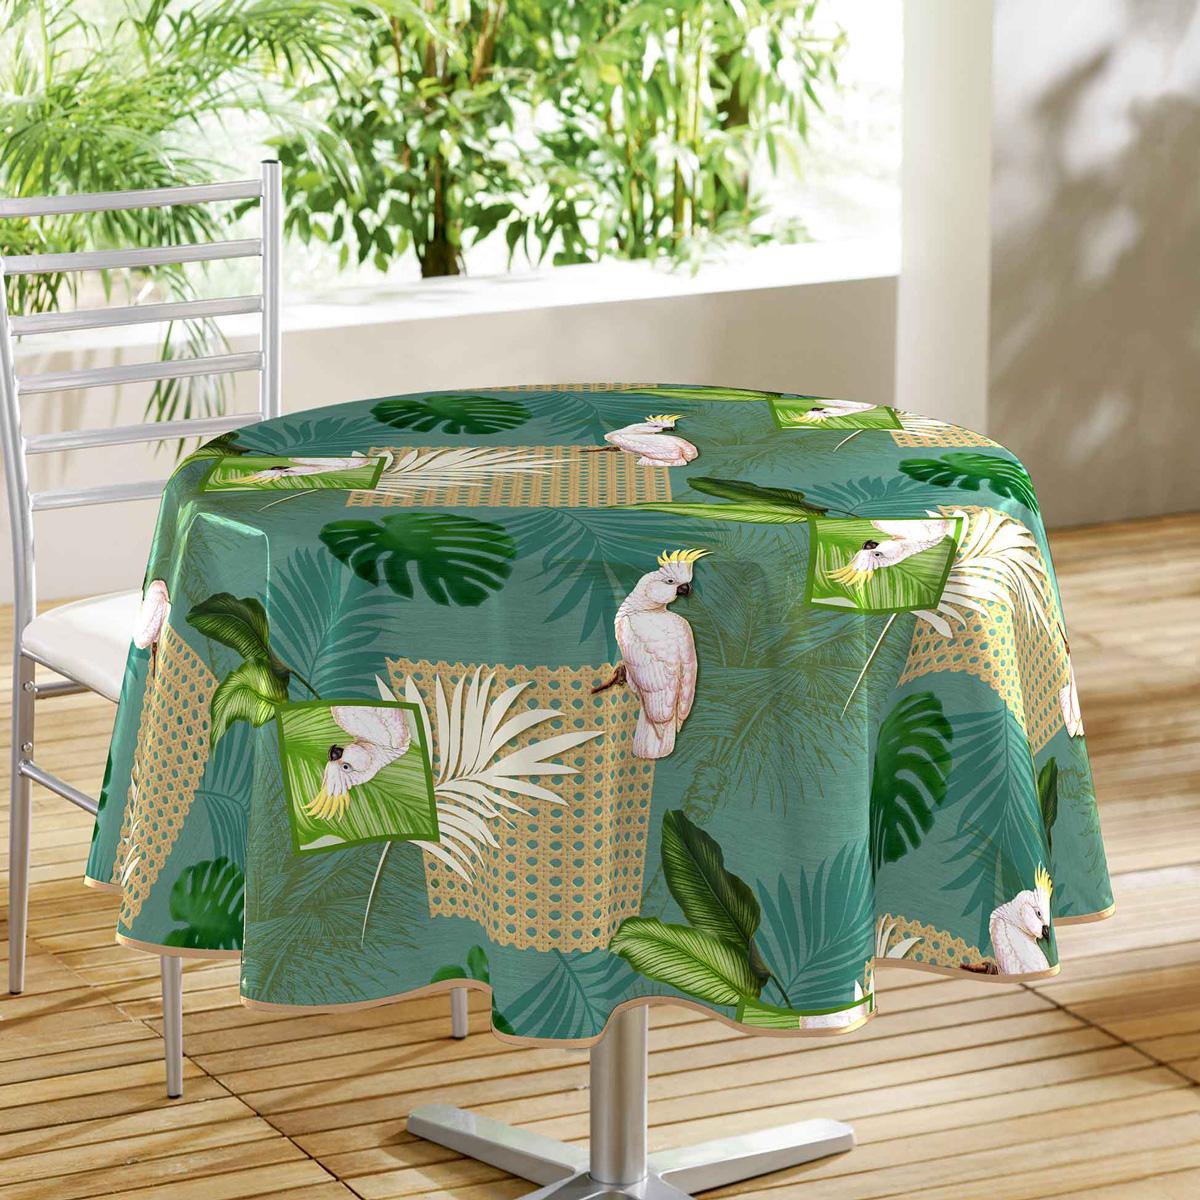 Πλαστικό Τραπεζομάντηλο Ροτόντα (Φ160) L-C Cacatoes Vert 1710699